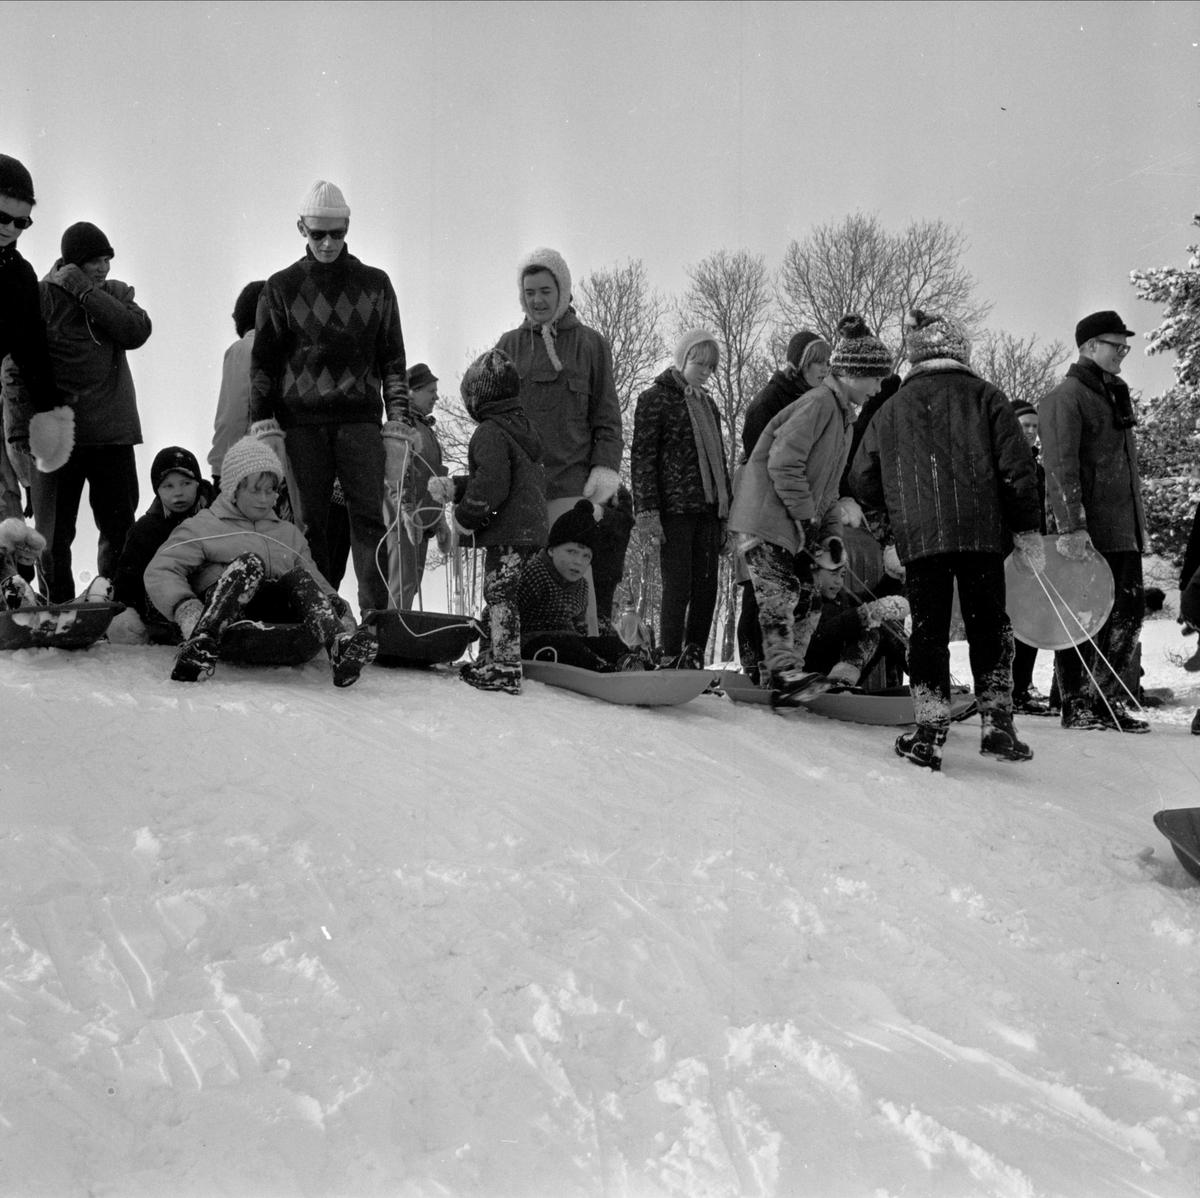 Pulkaåkare i Torslundabacken, Tierp, Uppland 1967